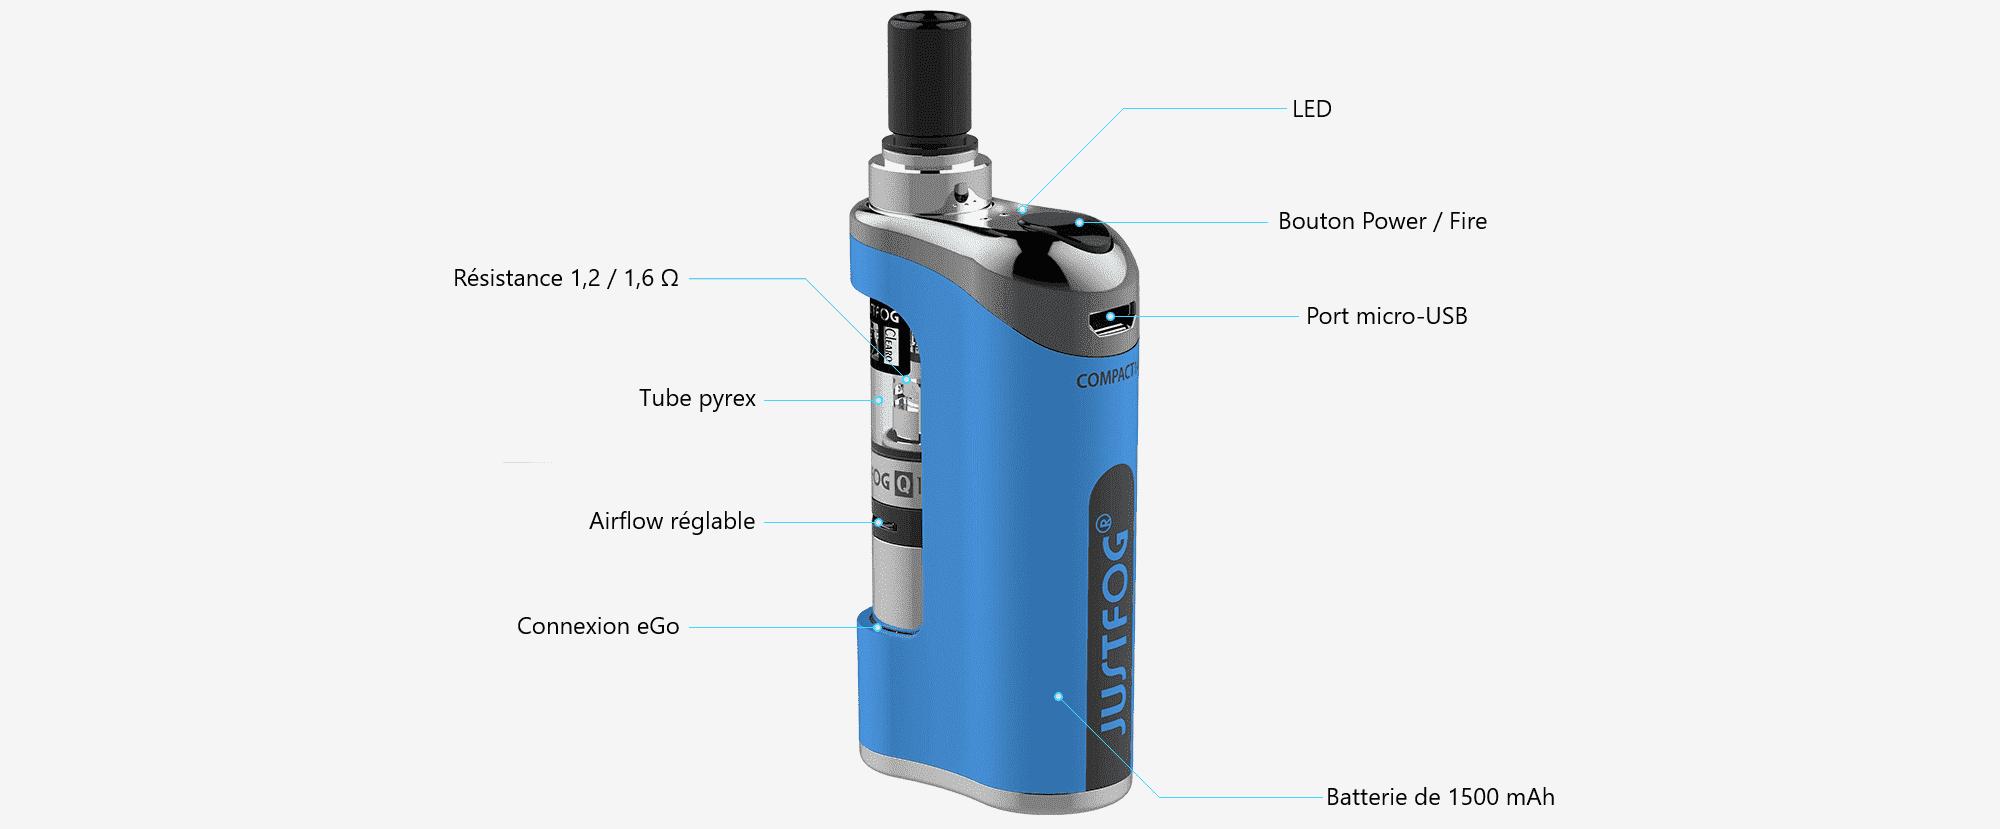 Détail du kit Compact 14 Q14 par Justfog